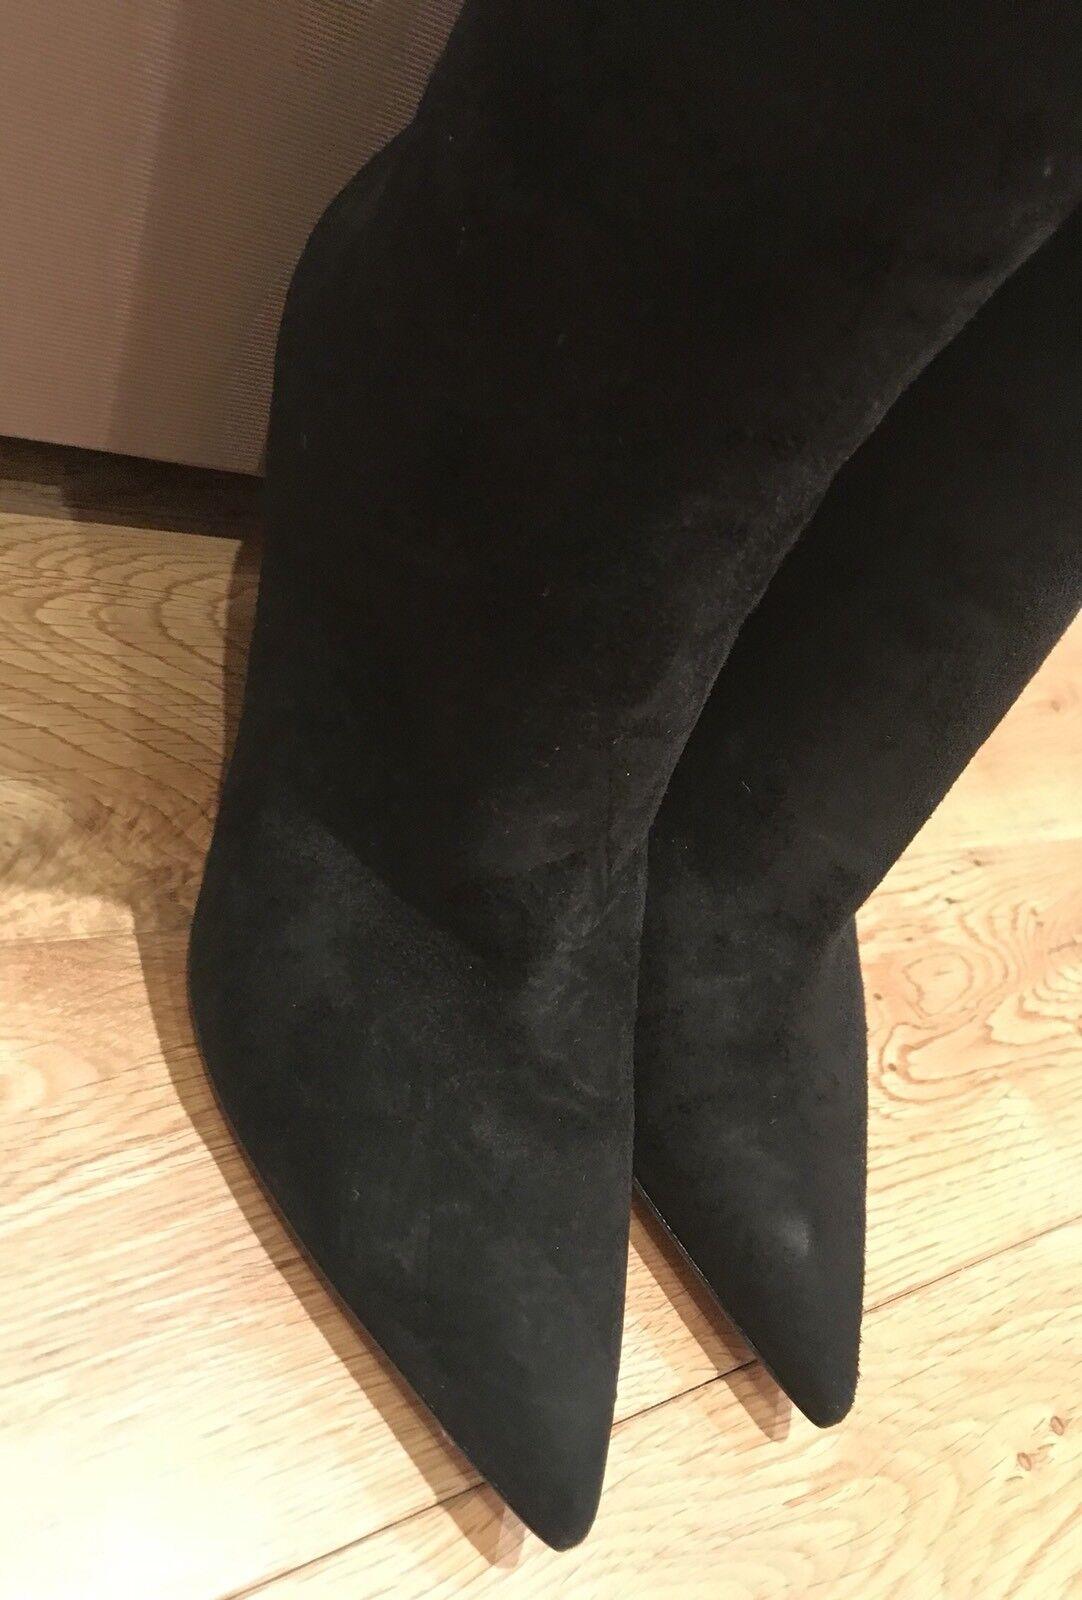 Recortes de precios estacionales, beneficios de descuento Giannvito Rossi hasta negro la rodilla negro hasta botas de gamuza. nuevo y en caja. Talla IT40 12655a